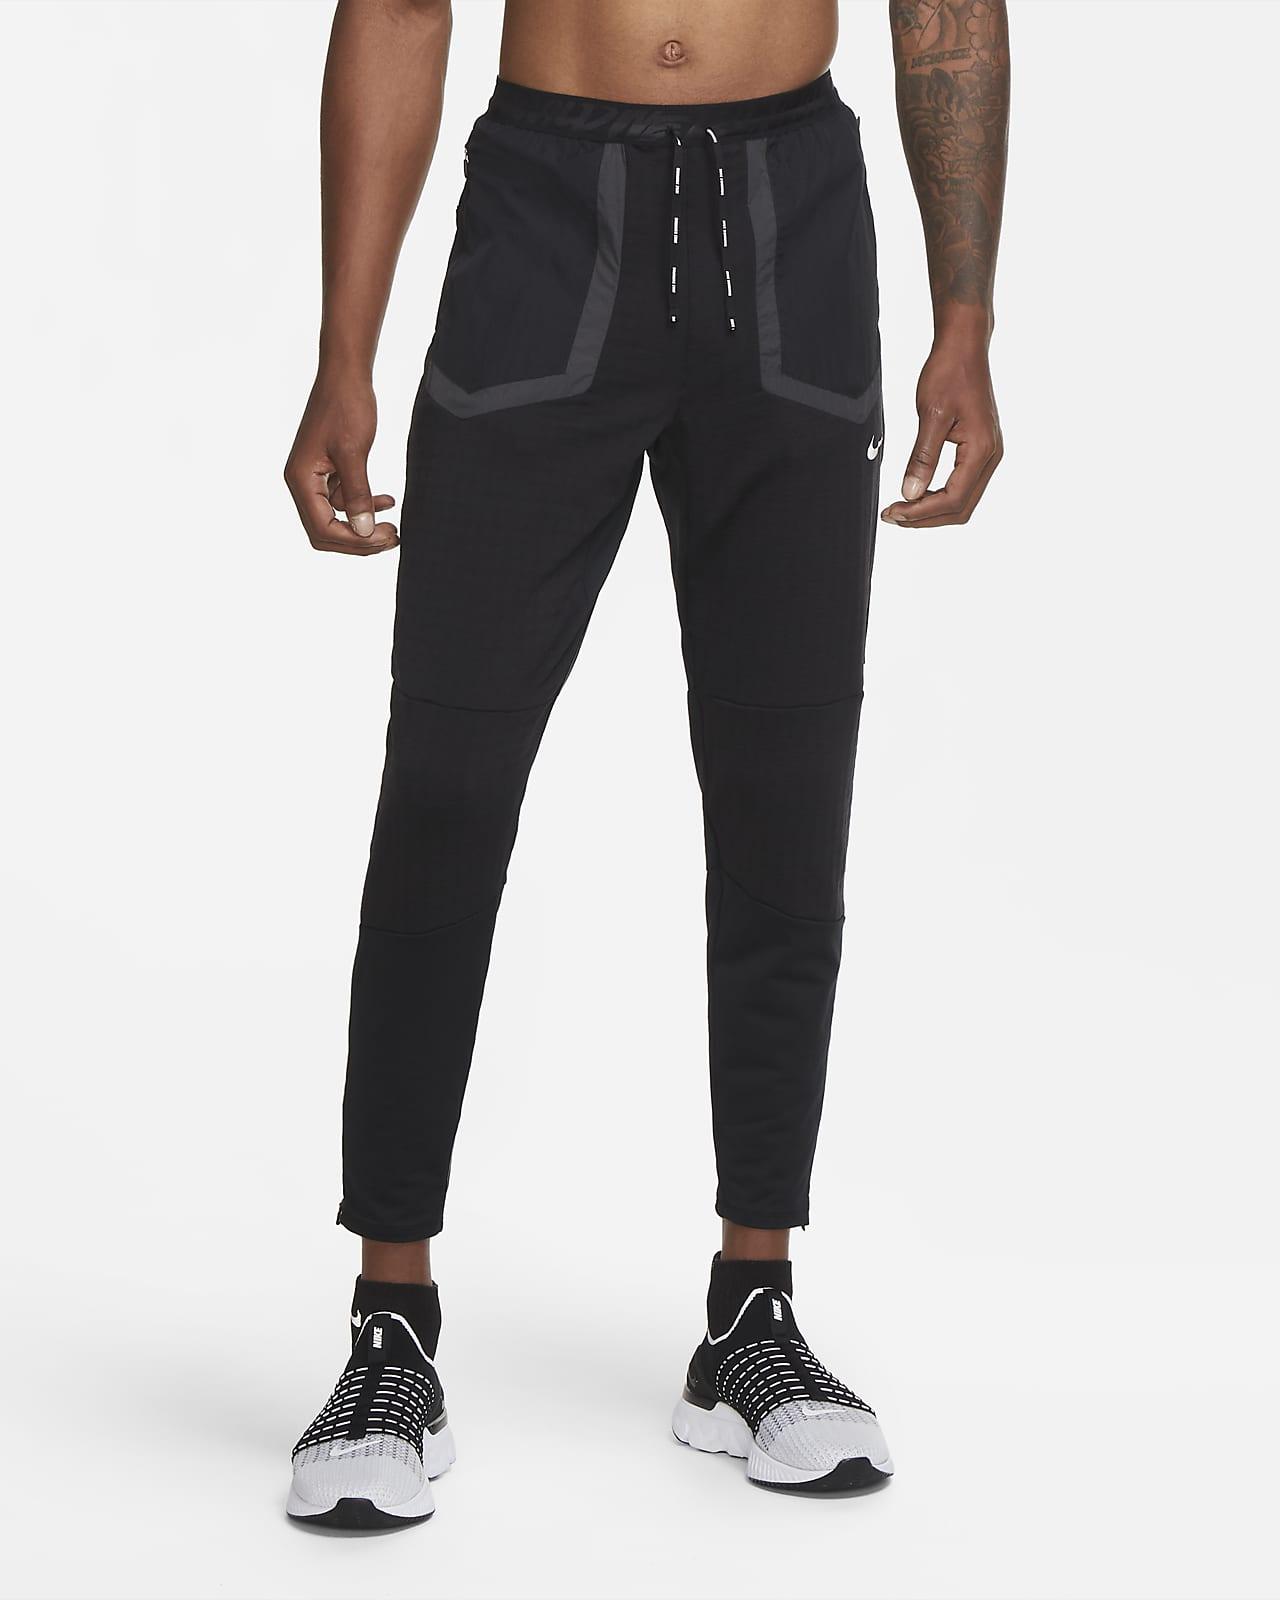 Pantalon de running Nike Phenom Elite Wild Run pour Homme